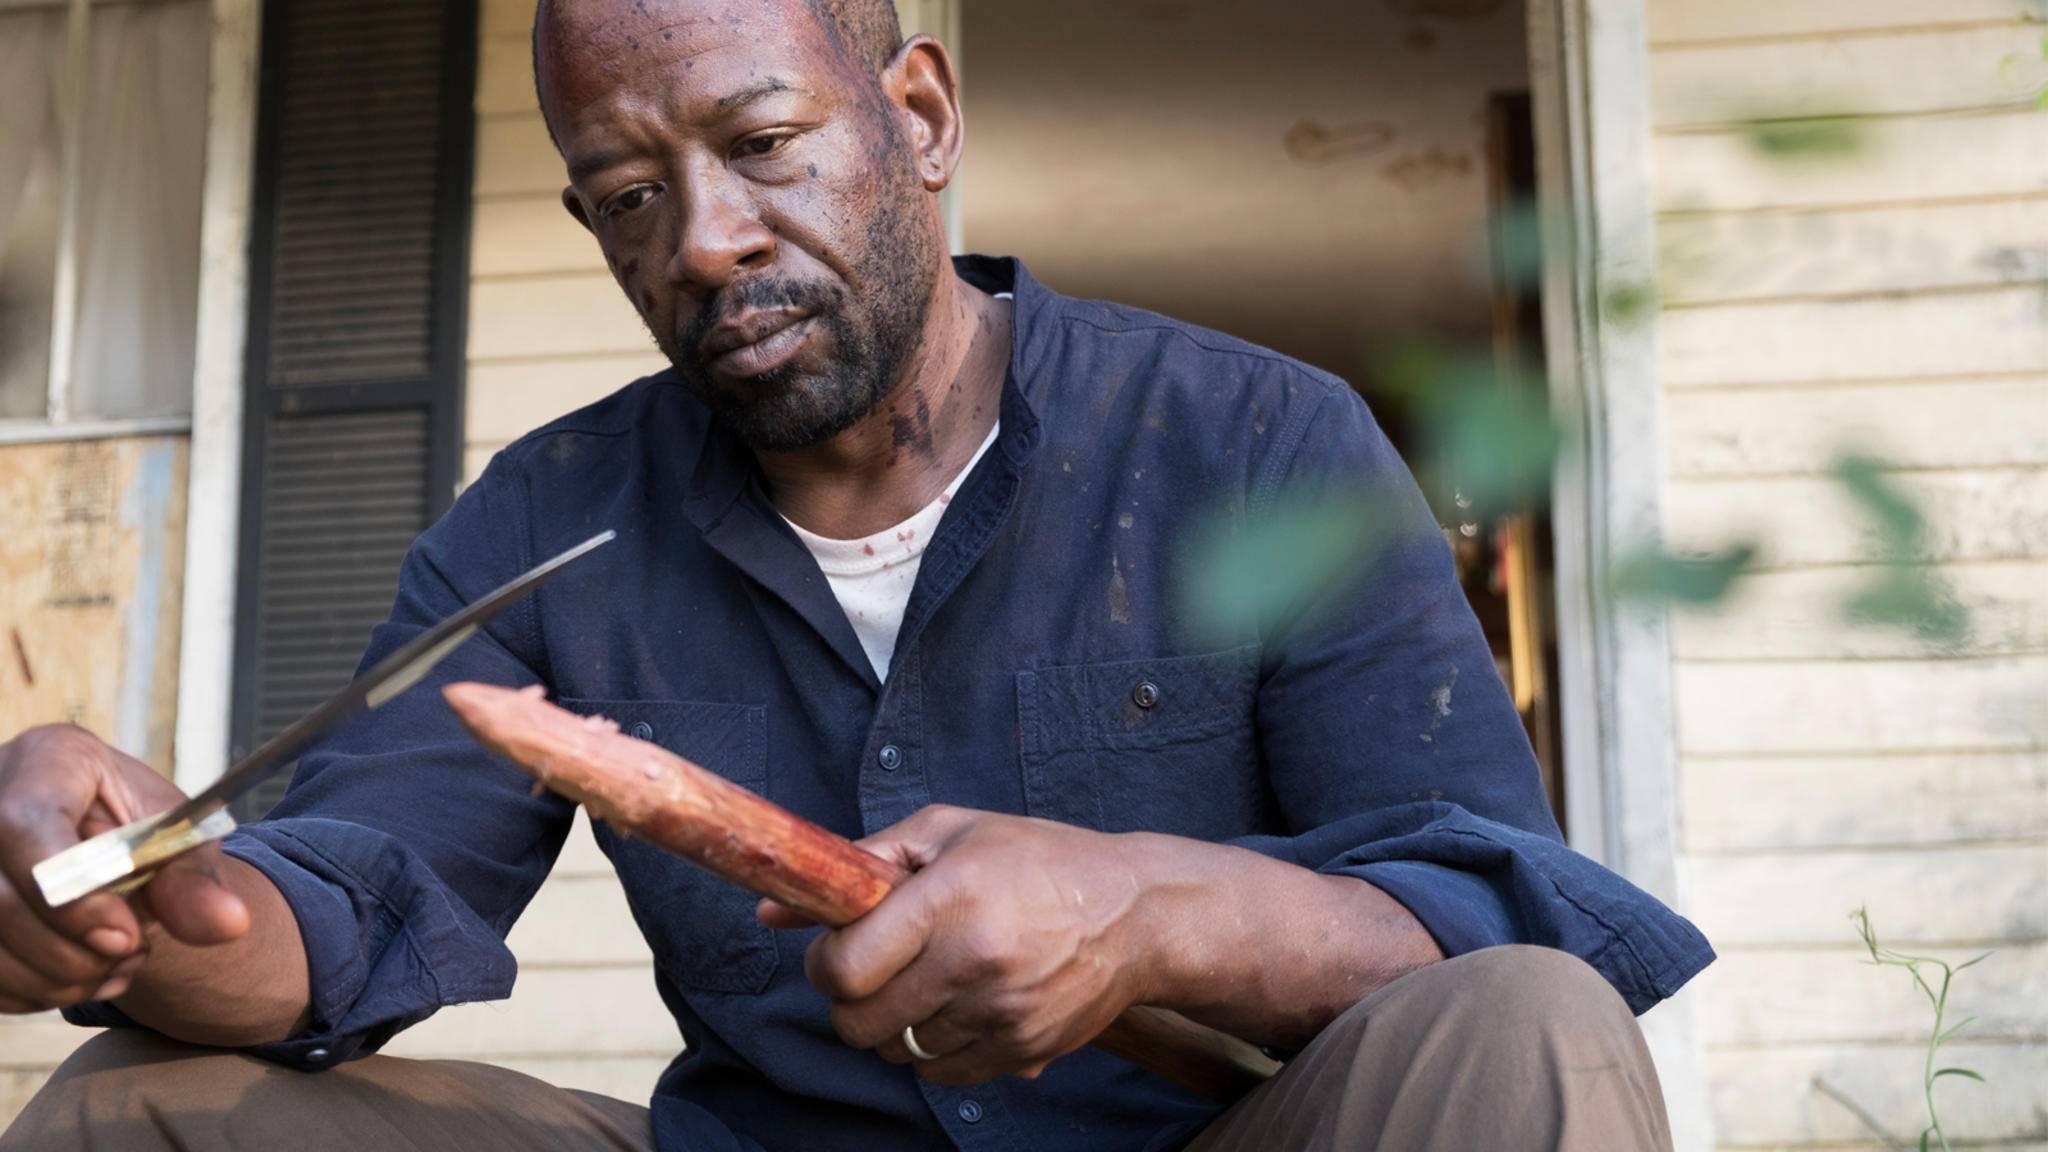 Verliert Morgan sich in seinem alten Trauma?